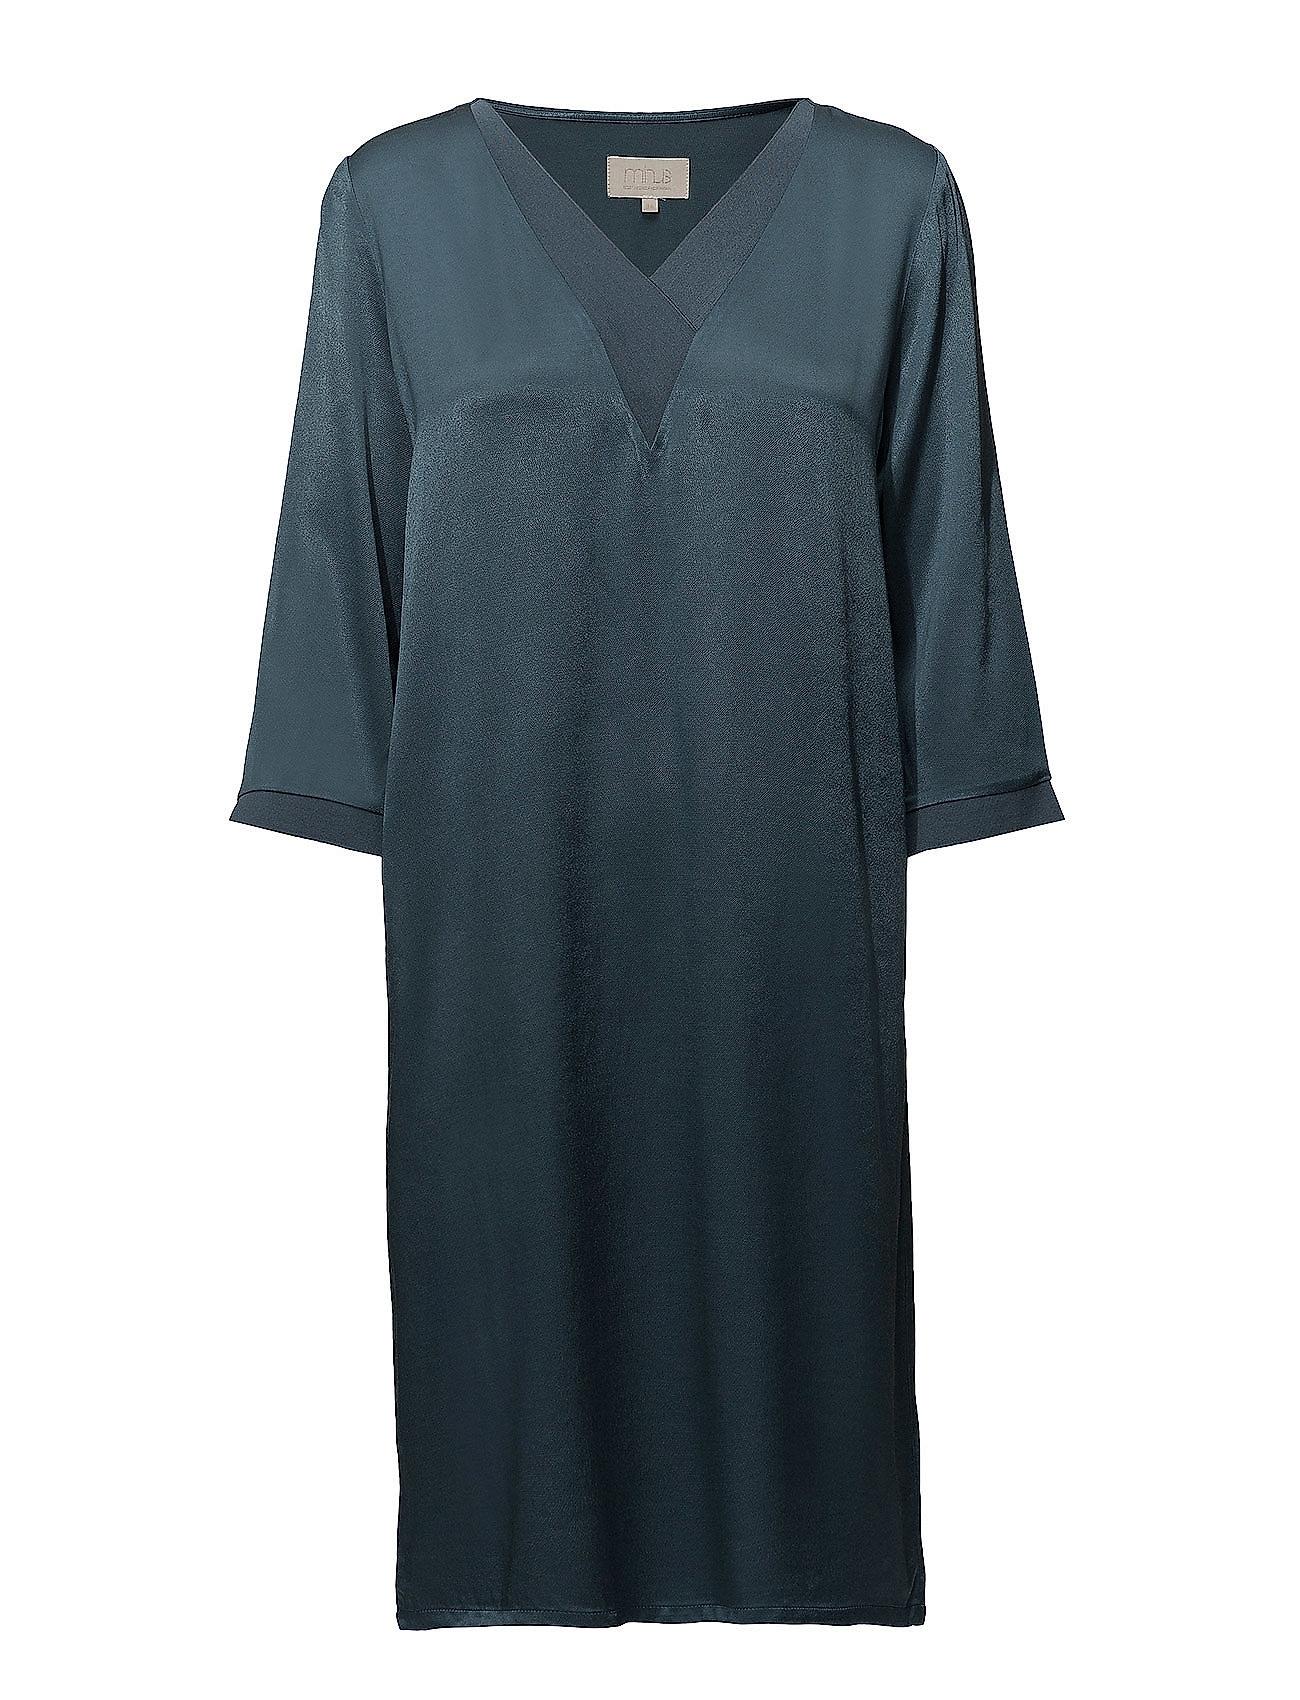 Minus Galissa dress - STARGAZER GREEN